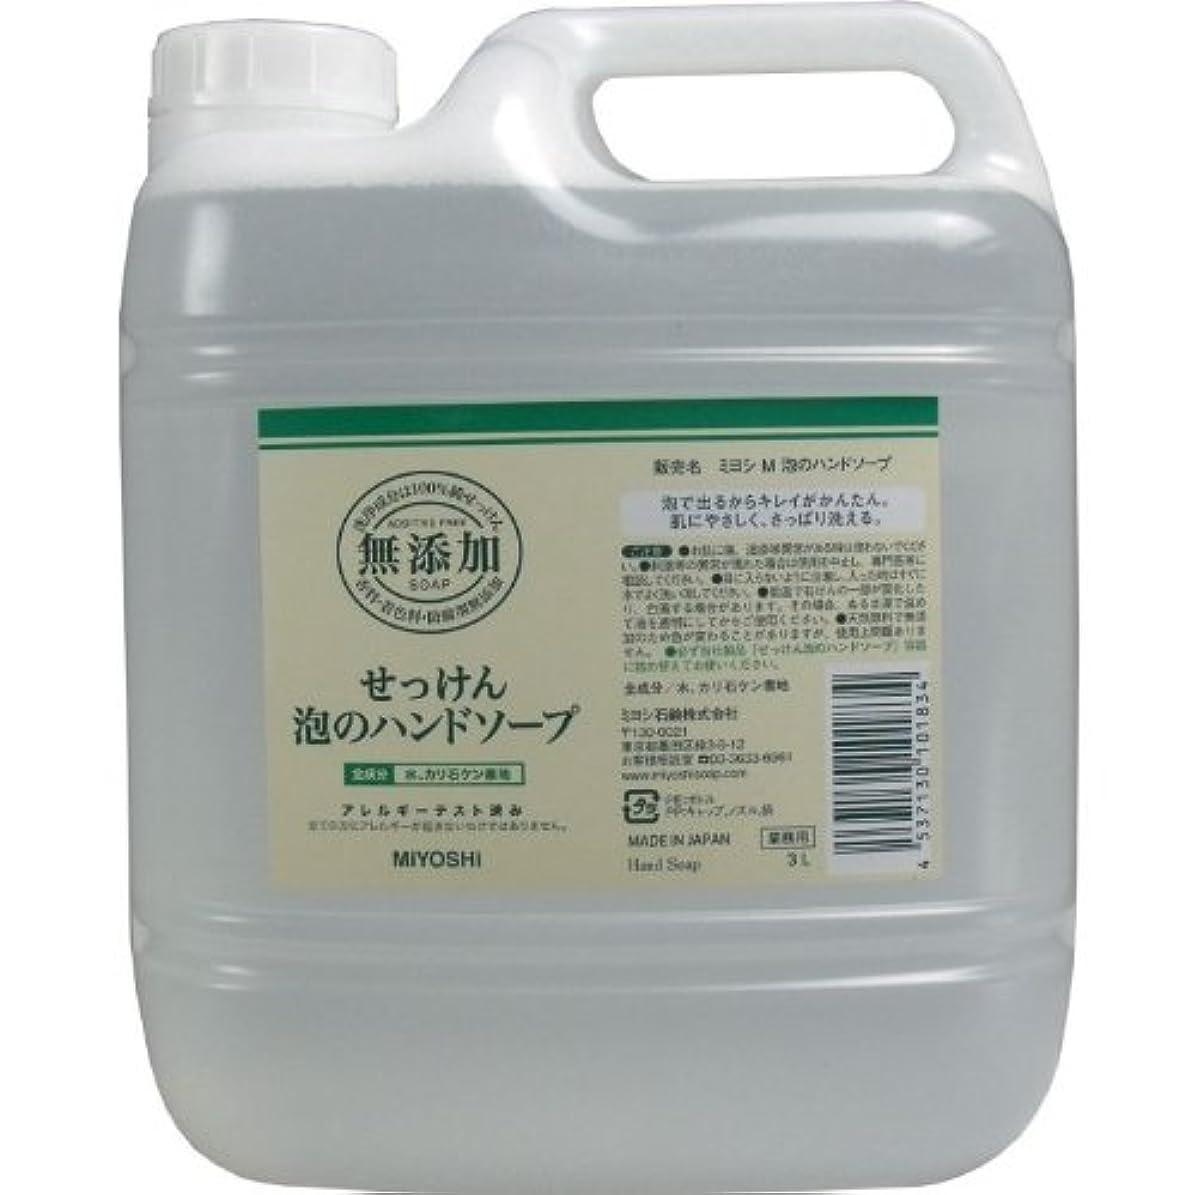 なぞらえる有害な機構泡で出るからキレイが簡単!家事の間のサッと洗いも簡単!香料、着色料、防腐剤無添加!(業務用)3L【4個セット】